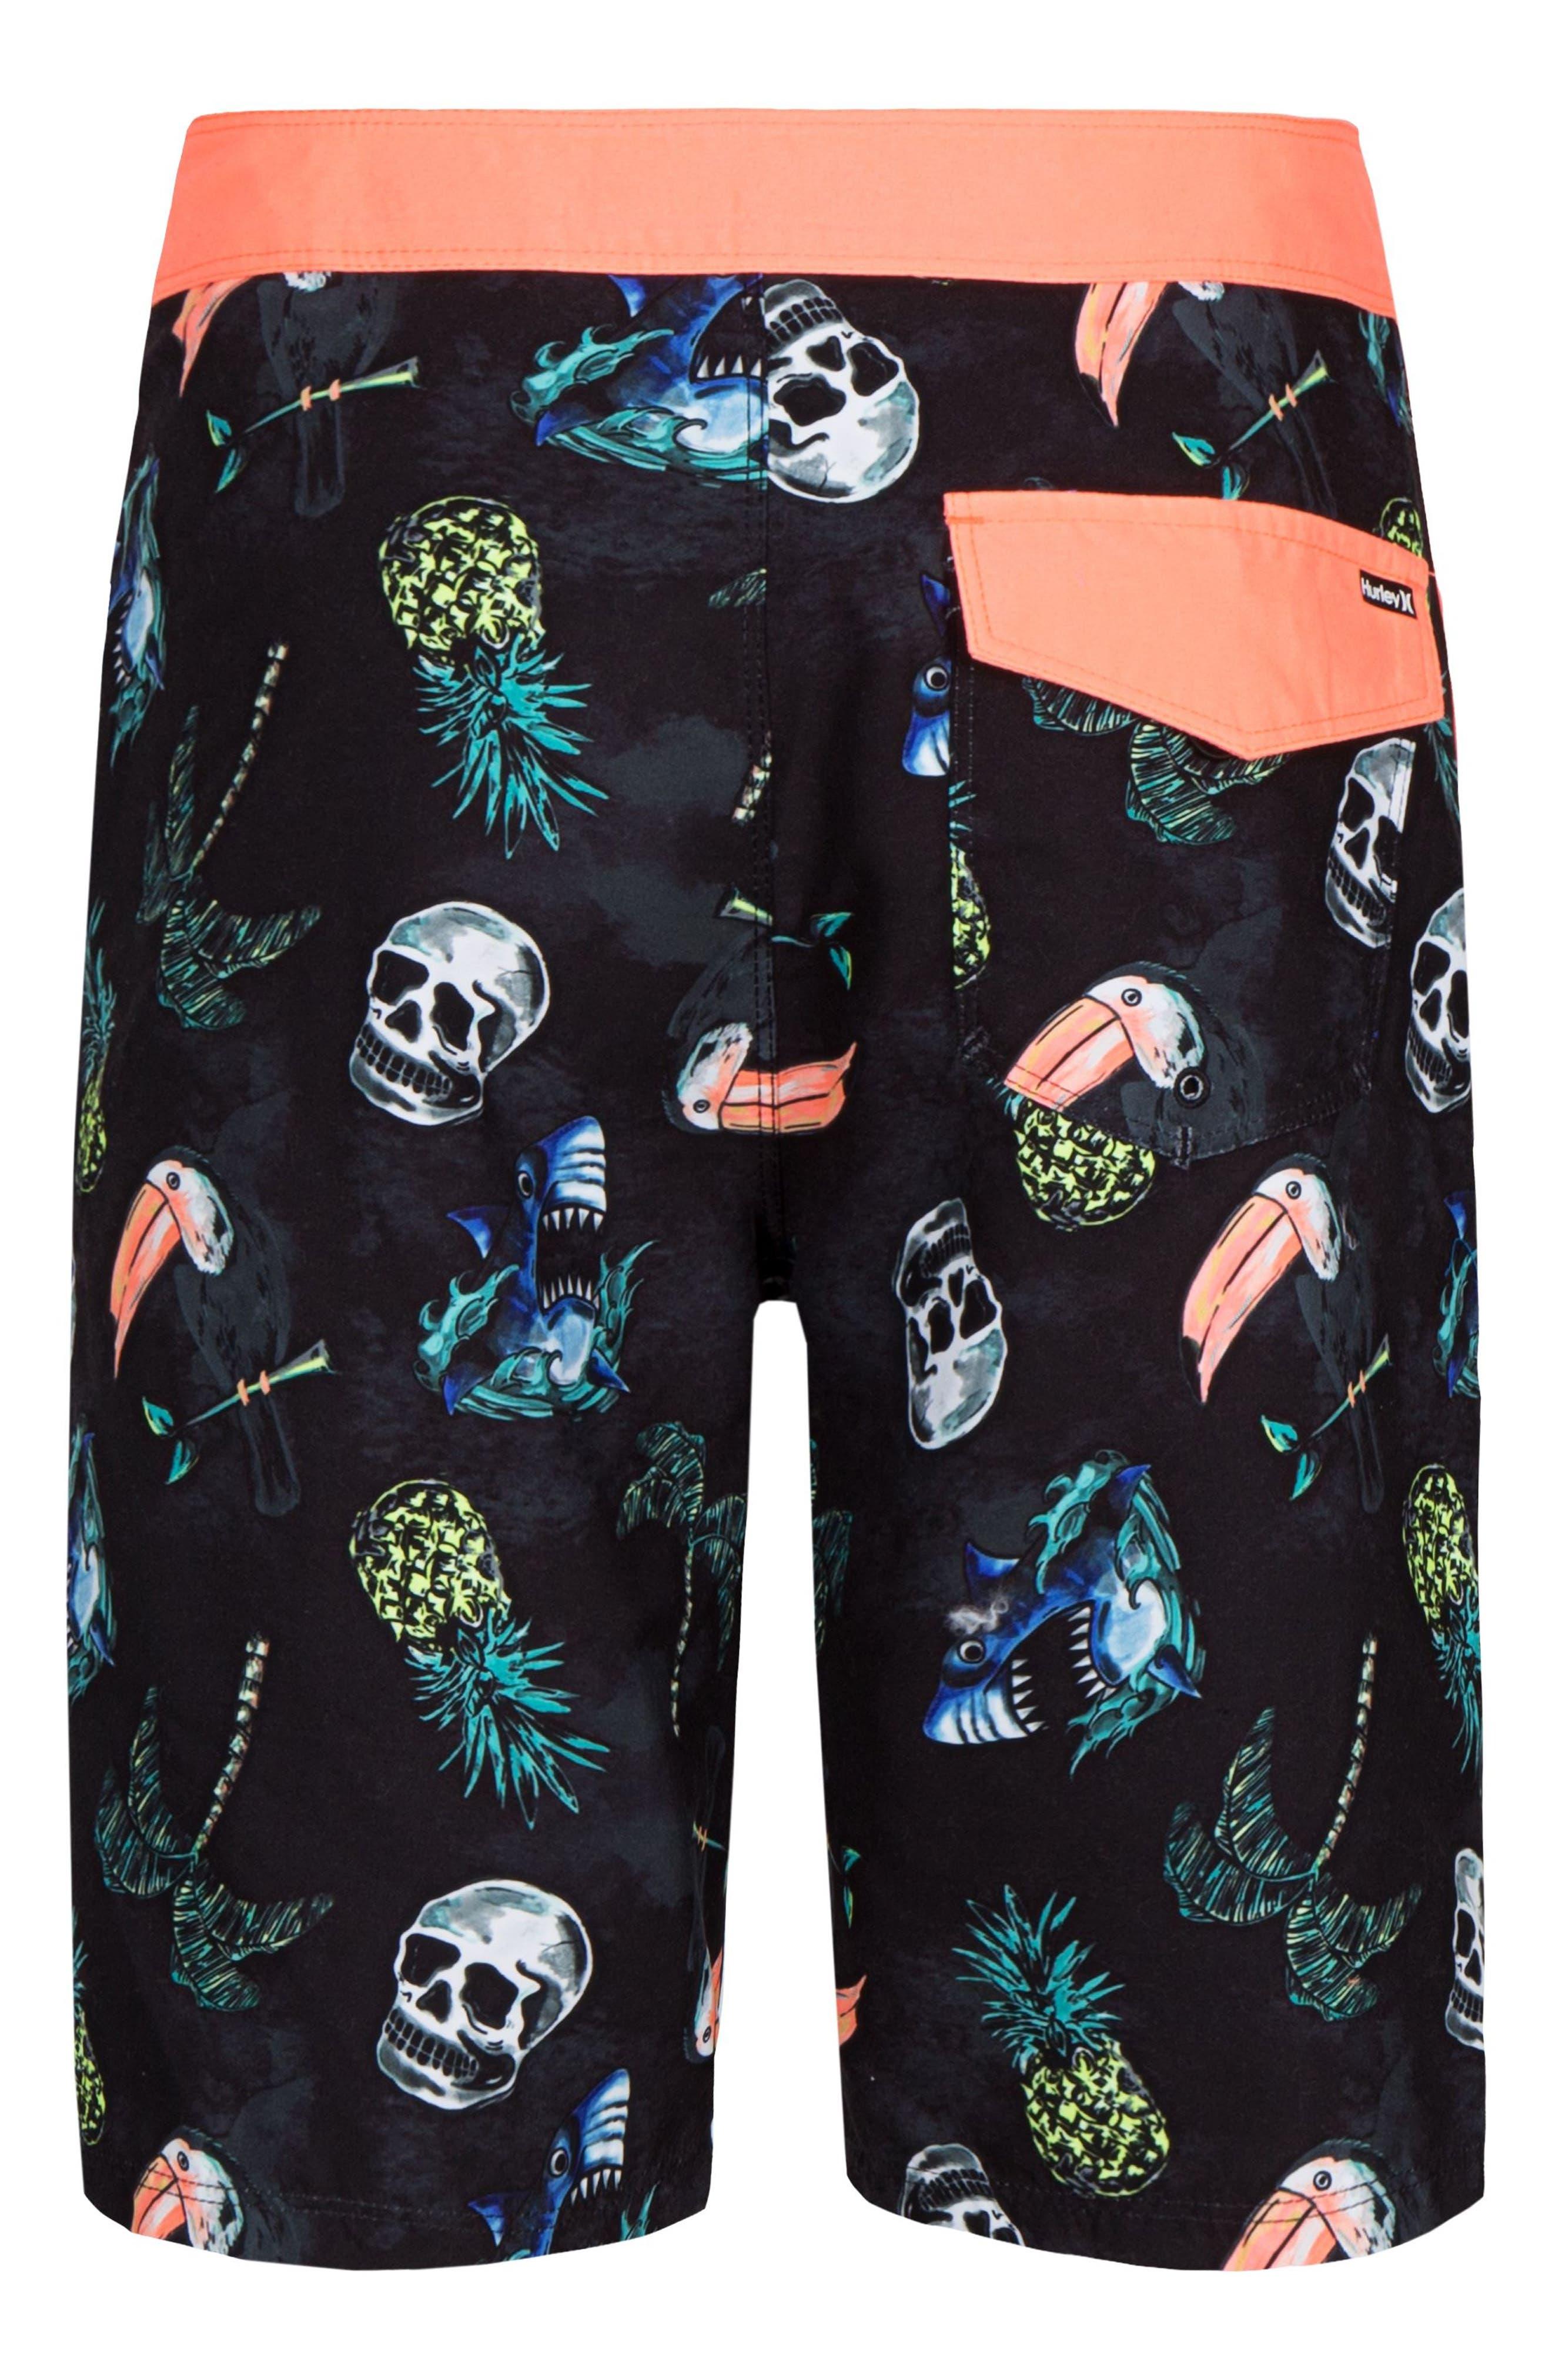 Toucan Board Shorts,                             Alternate thumbnail 2, color,                             Black